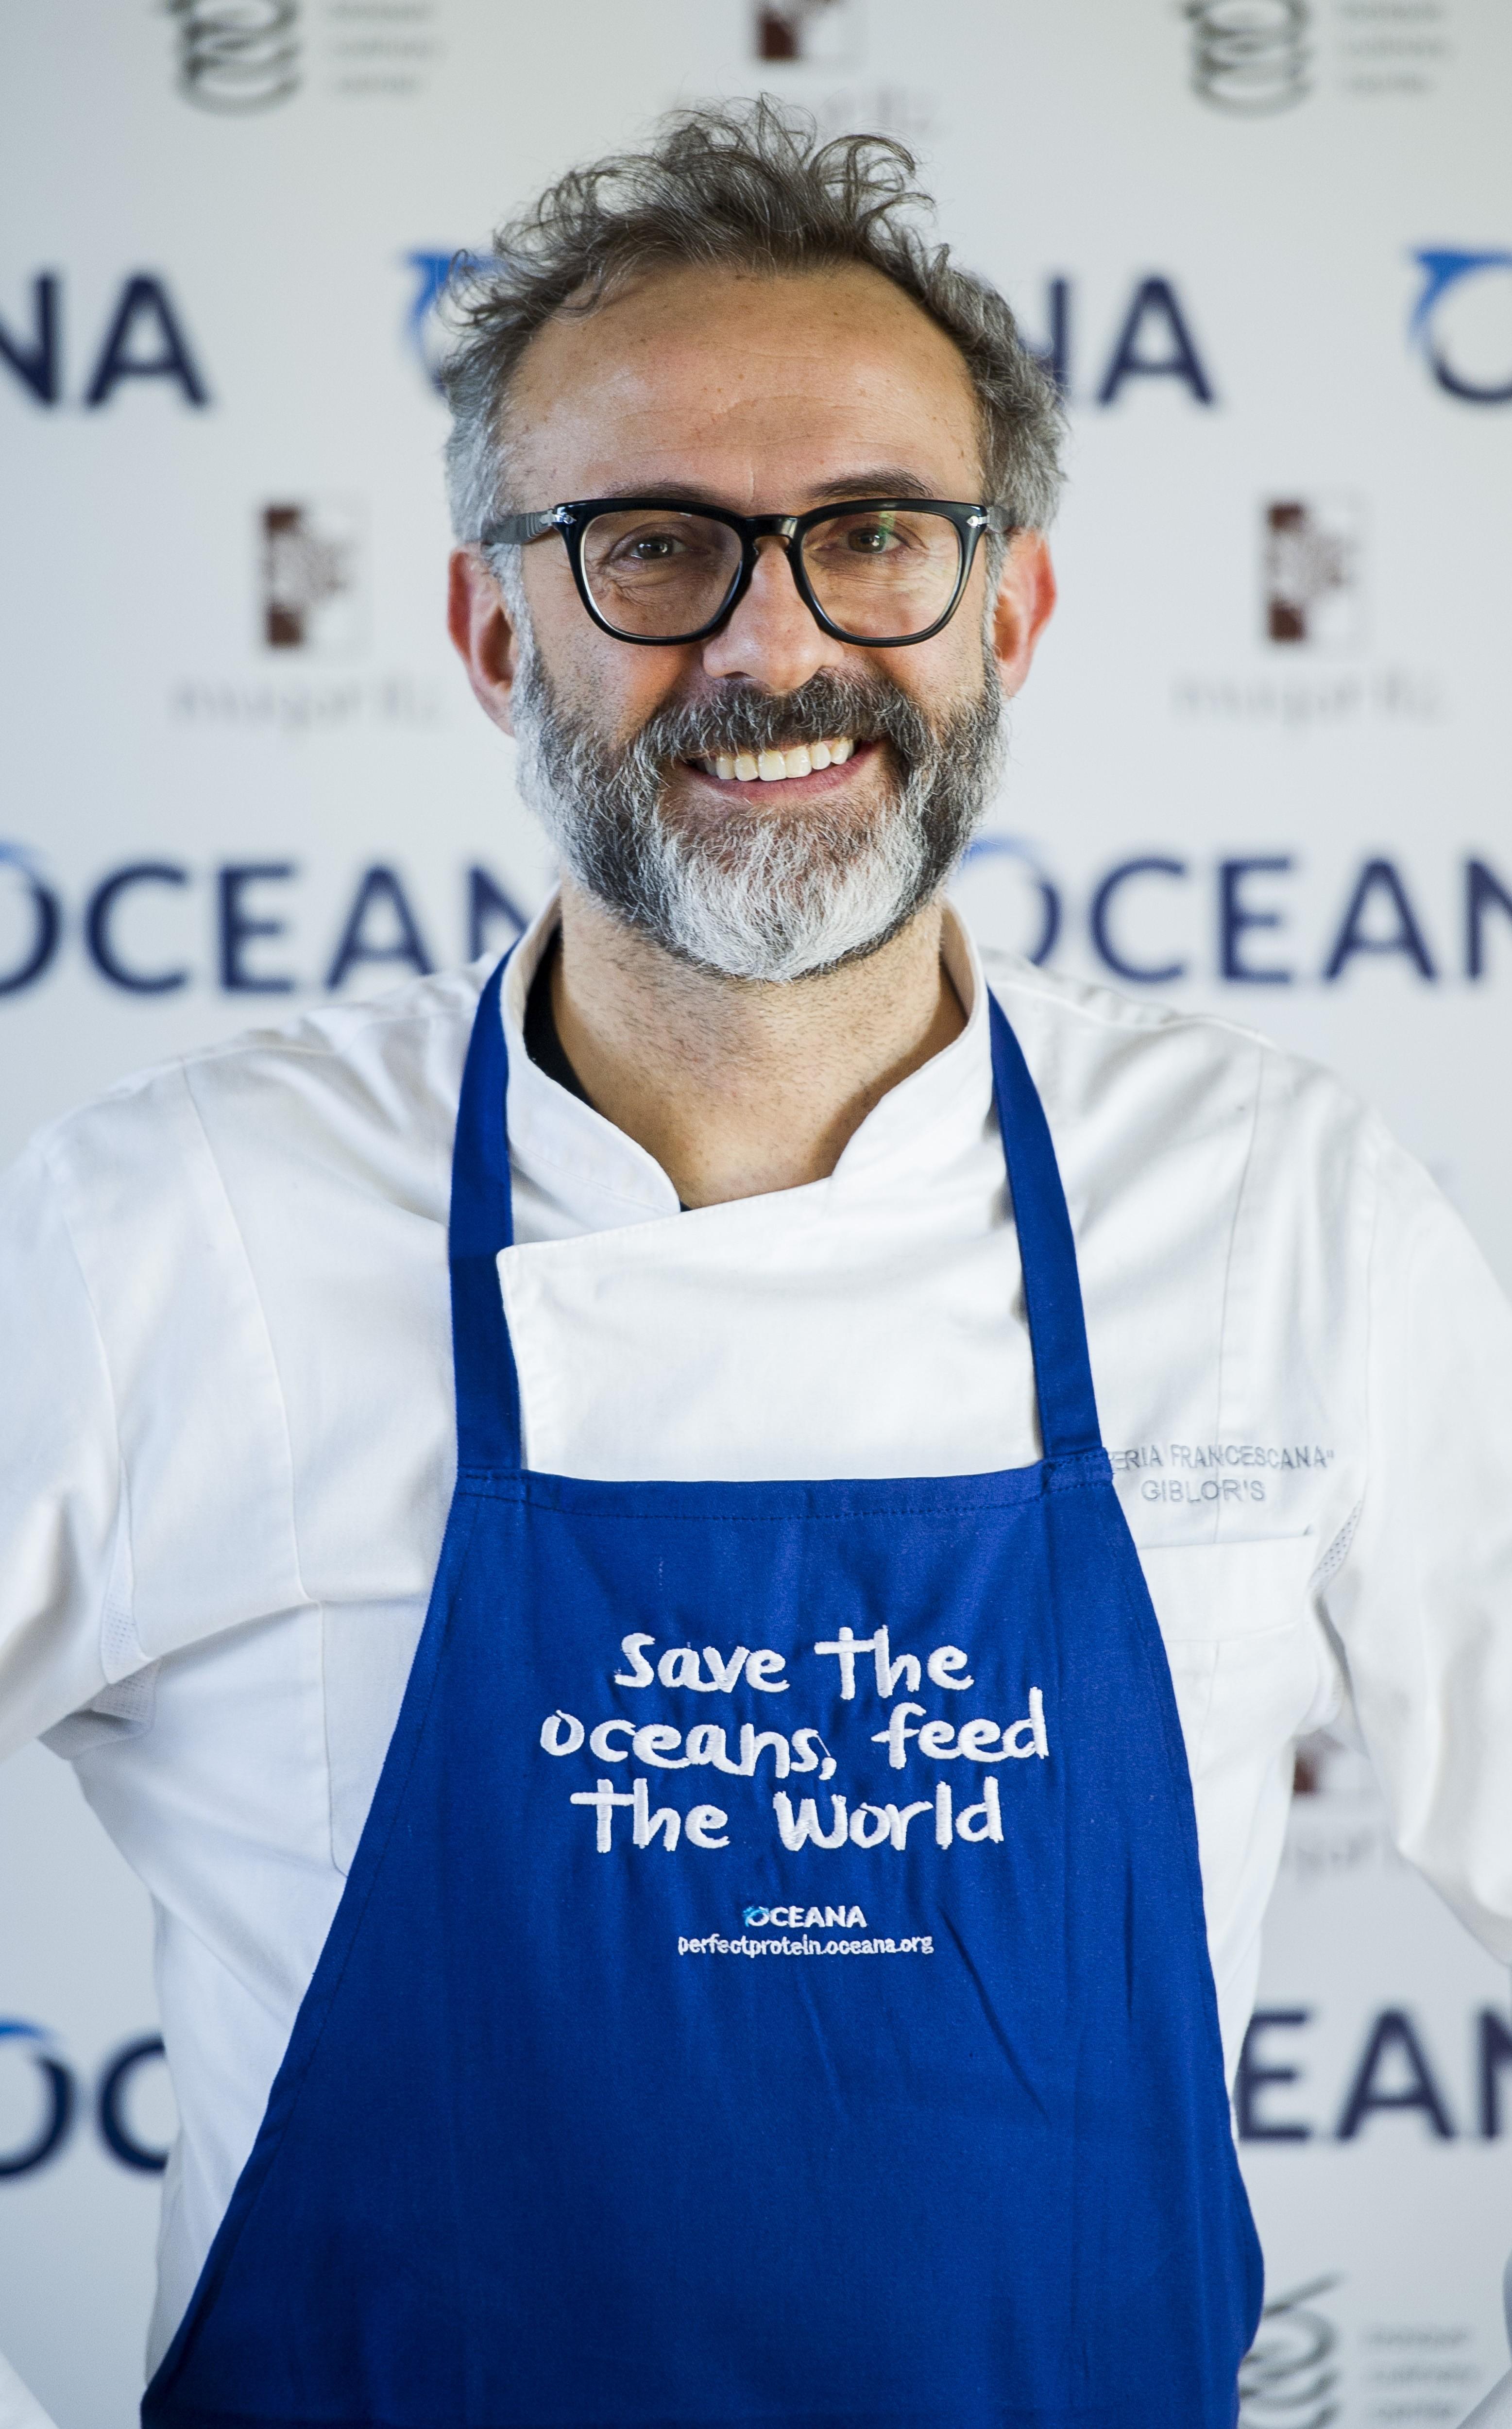 O chef italiano Massimo Bottura vai levar sua organização sem fins lucrativos, a Food for Soul, para os EUA (Foto: Getty Images/  Juan Manuel Serrano Arce)